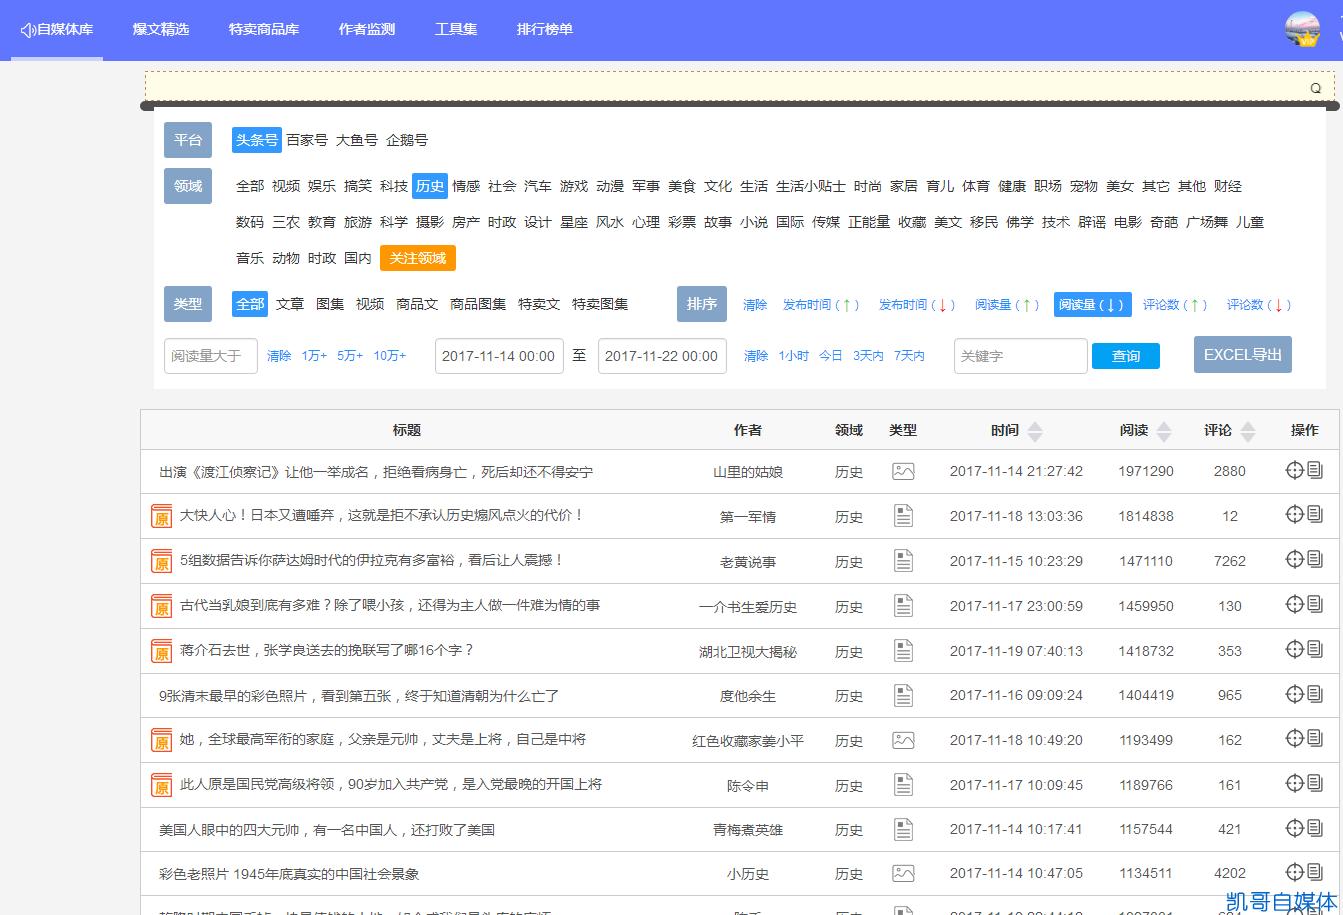 易撰网站的自媒体爆文采集用法,分享易撰软件下载地址